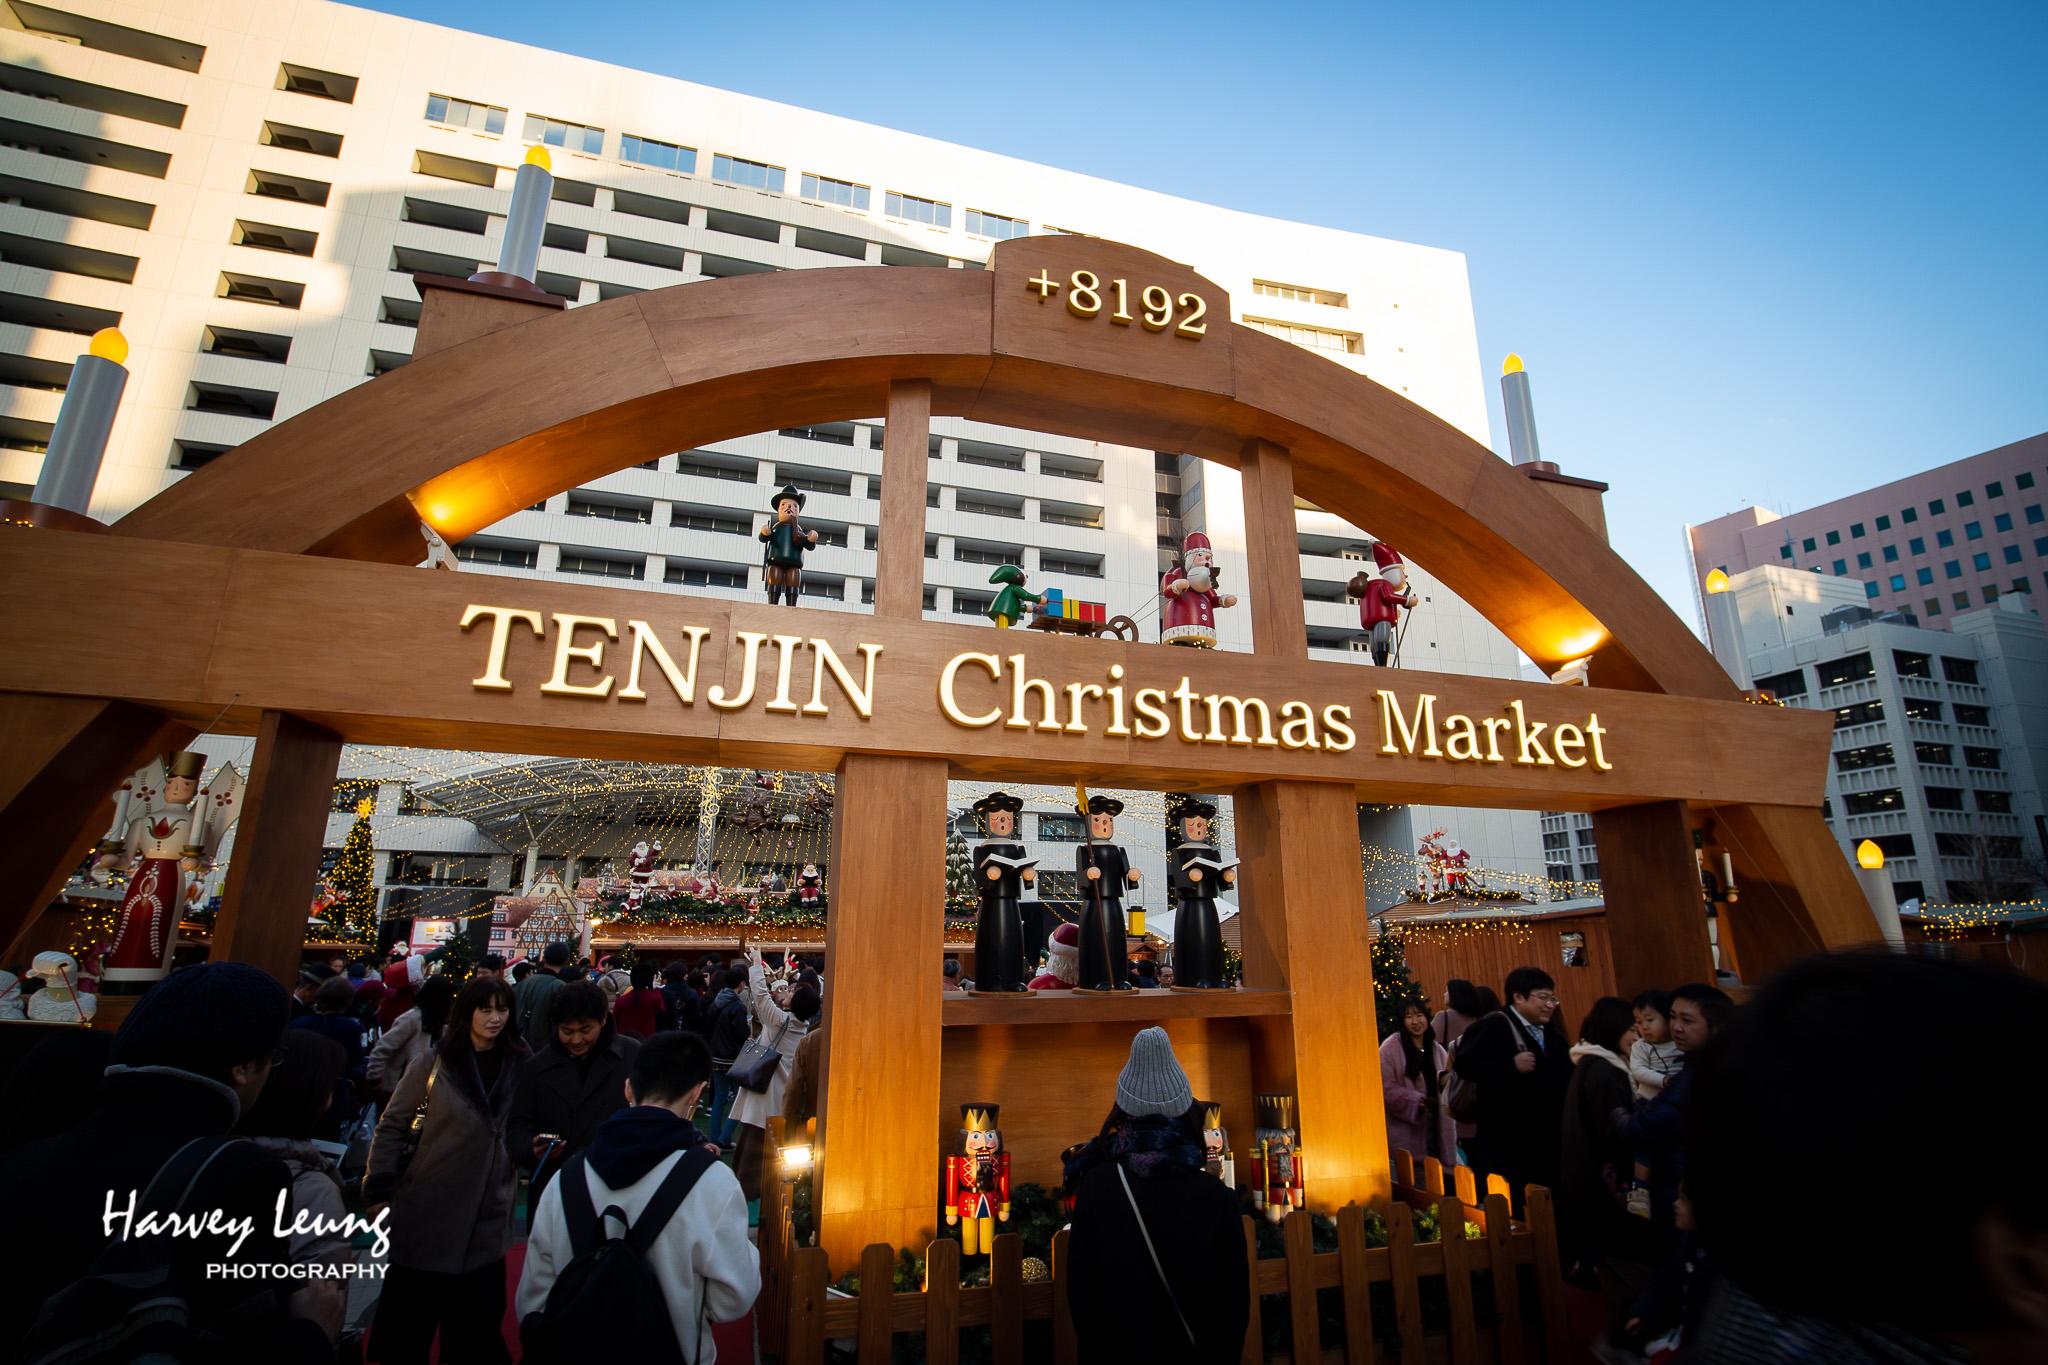 天神聖誕市集入口